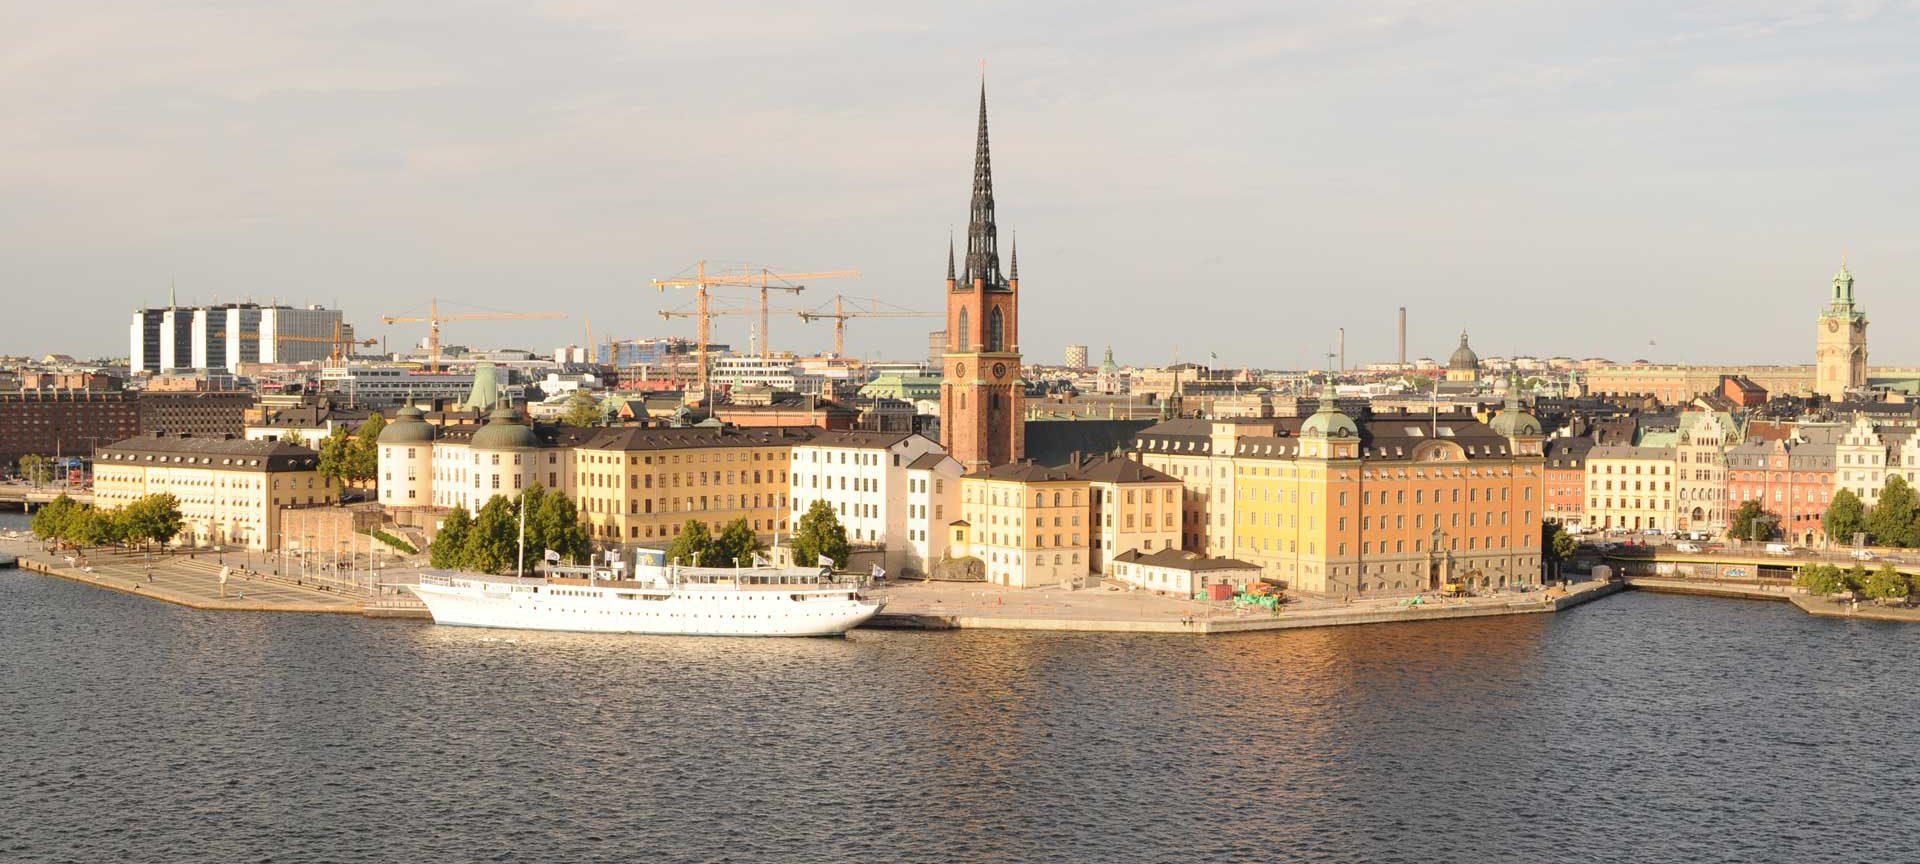 Der Monteliusvägen in Stockholm 4